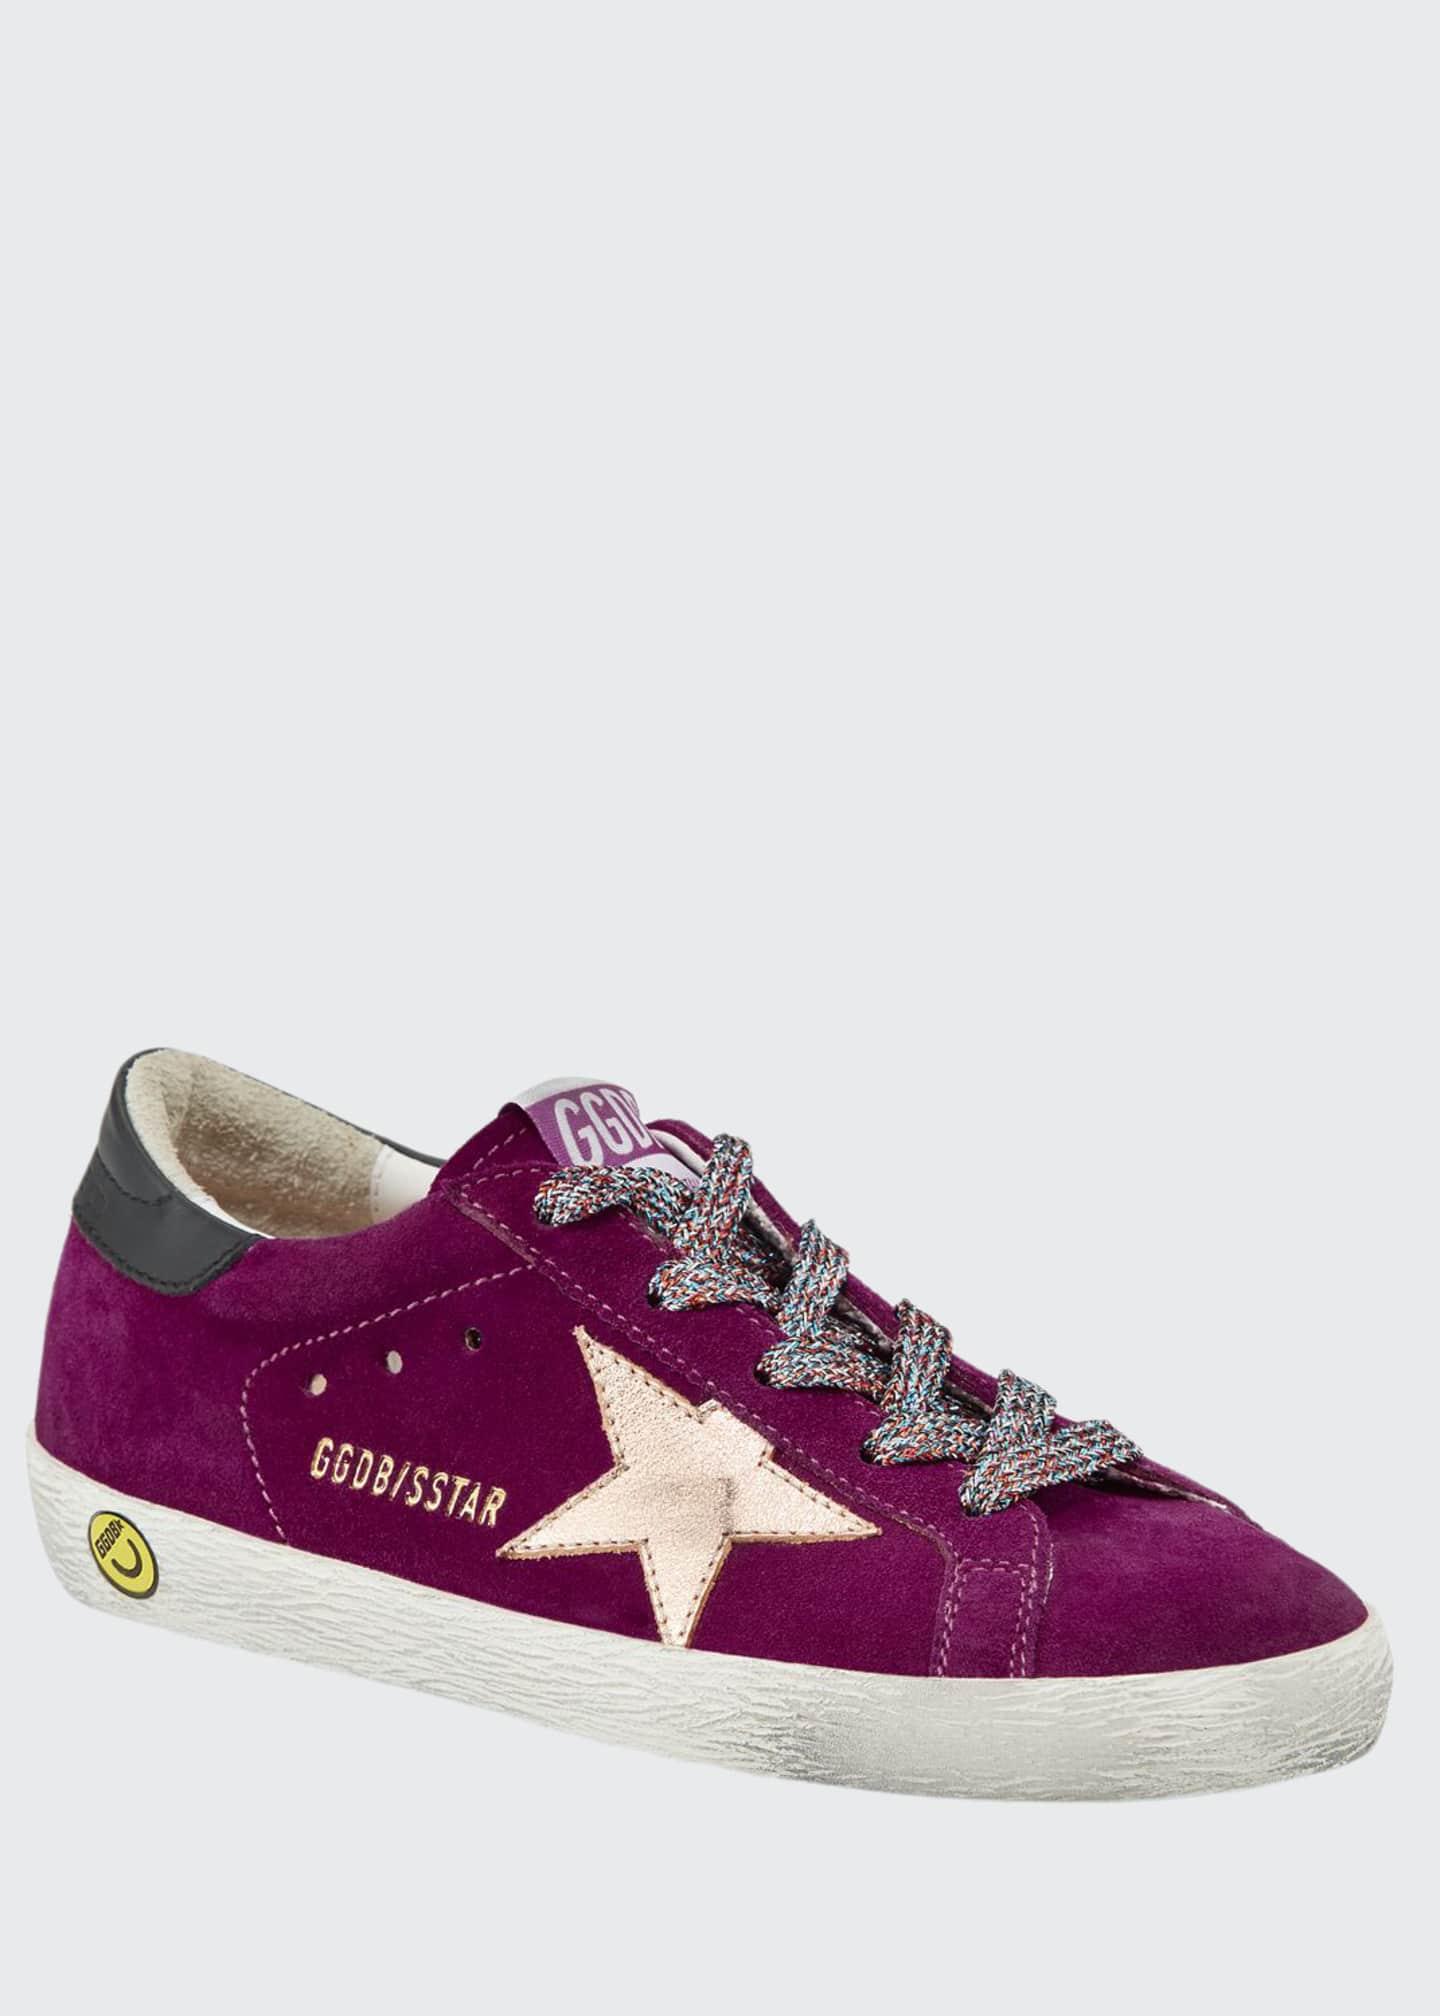 Golden Goose Girl's Superstar Suede Metallic Star Sneakers,